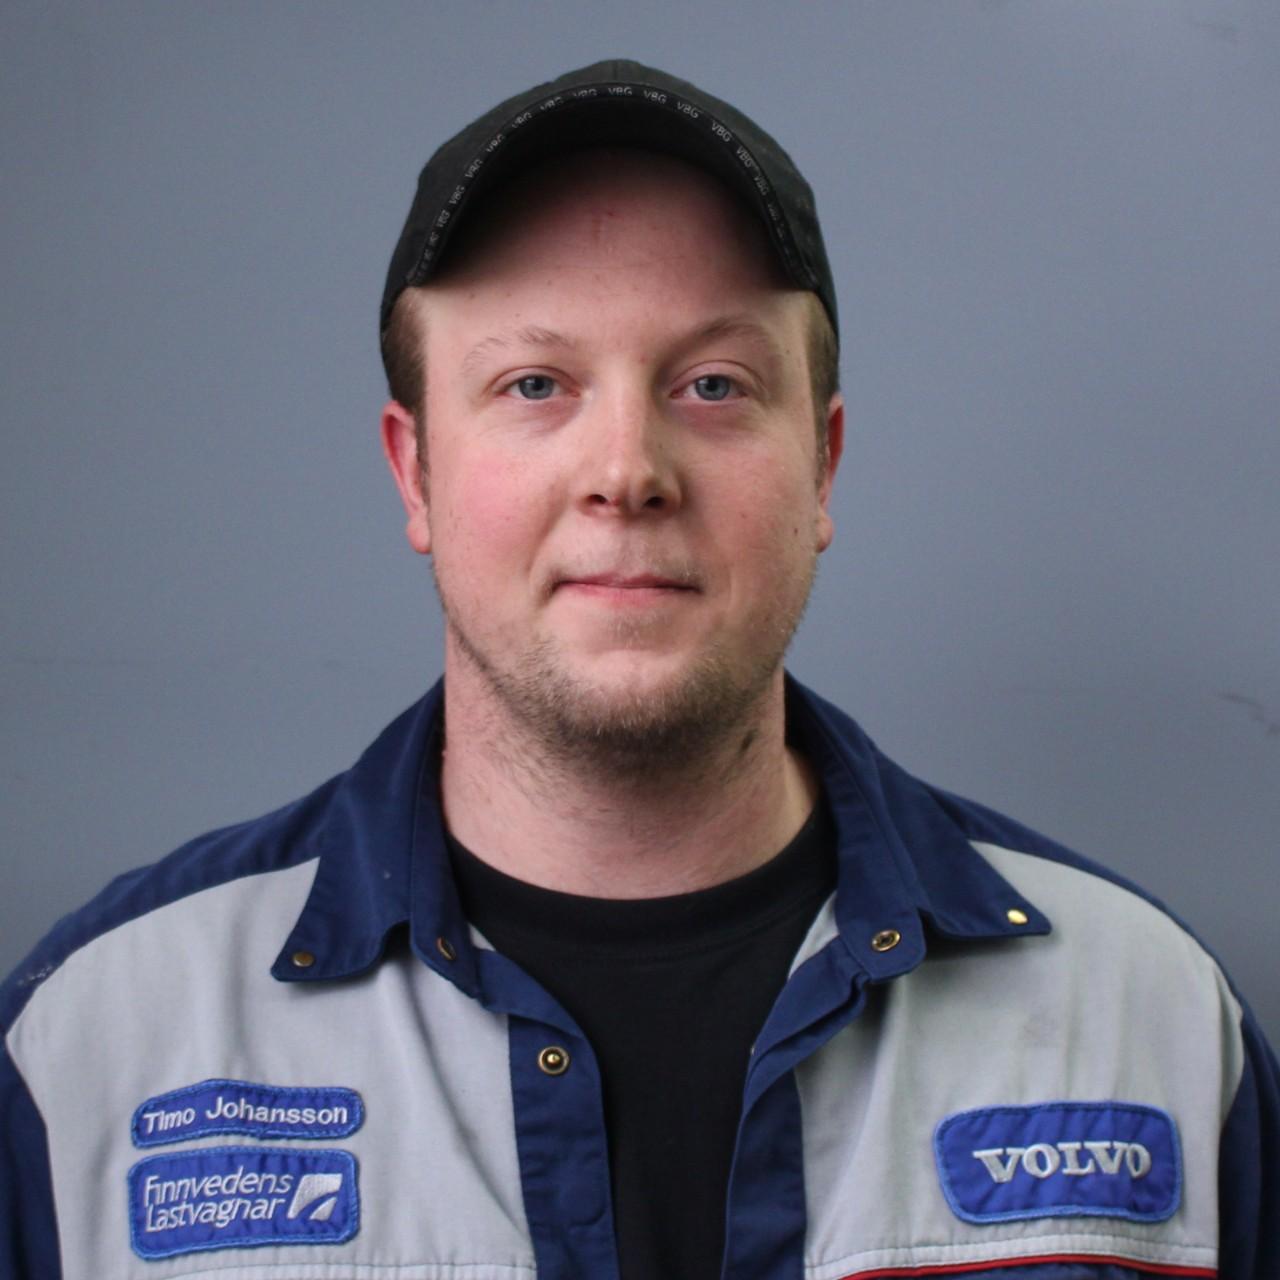 Timo Johansson